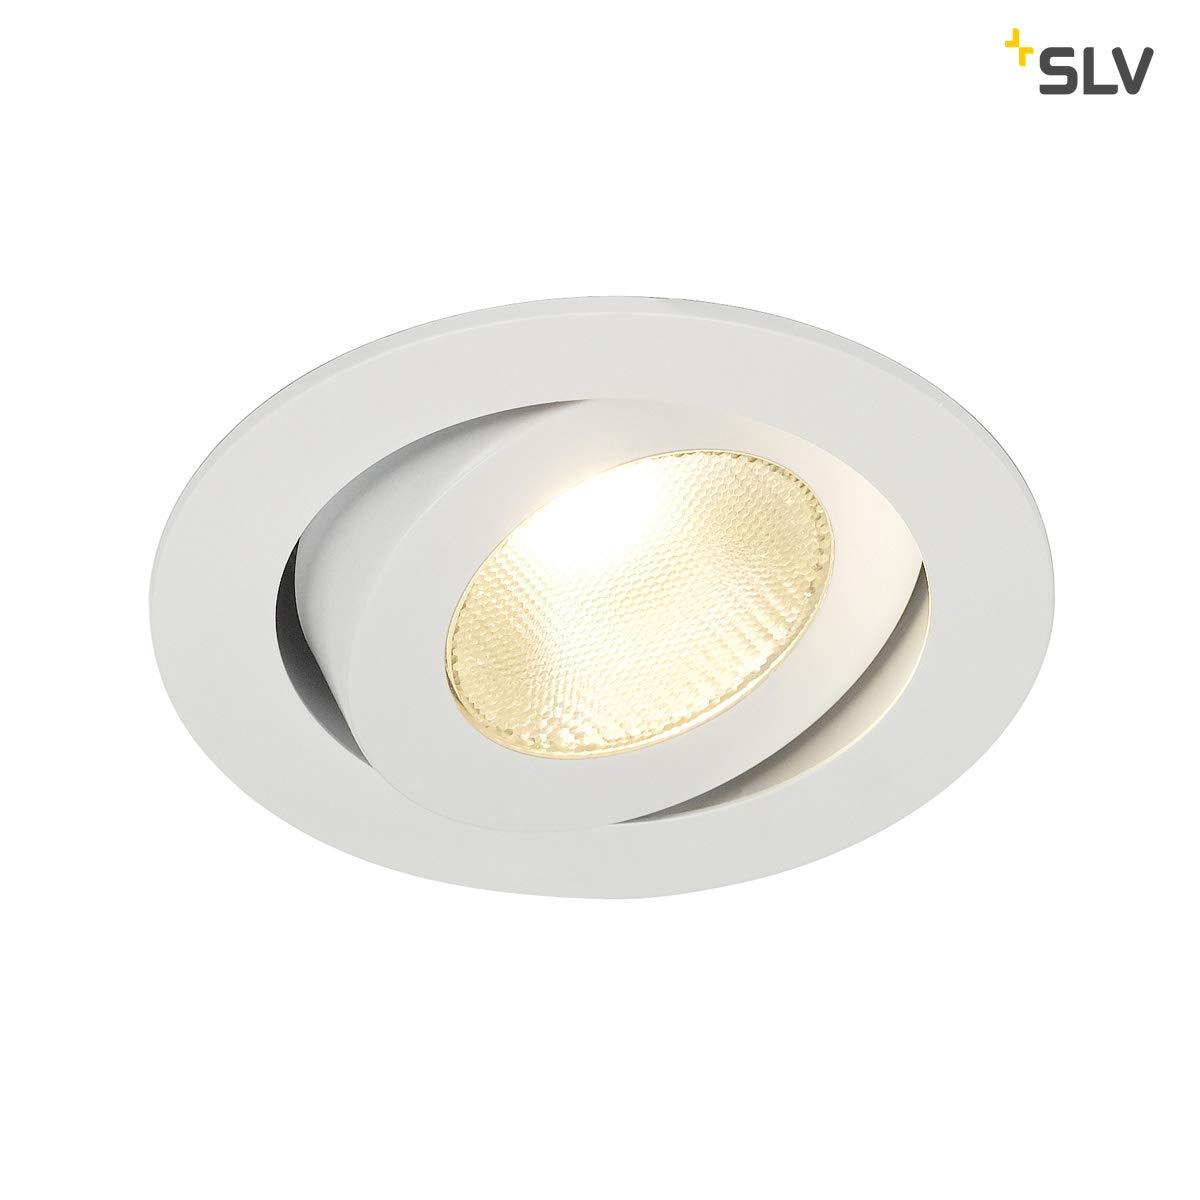 SLV CONTONE Einbauleuchte, Aluminium, 16 16 16 W, weiß 8bb438